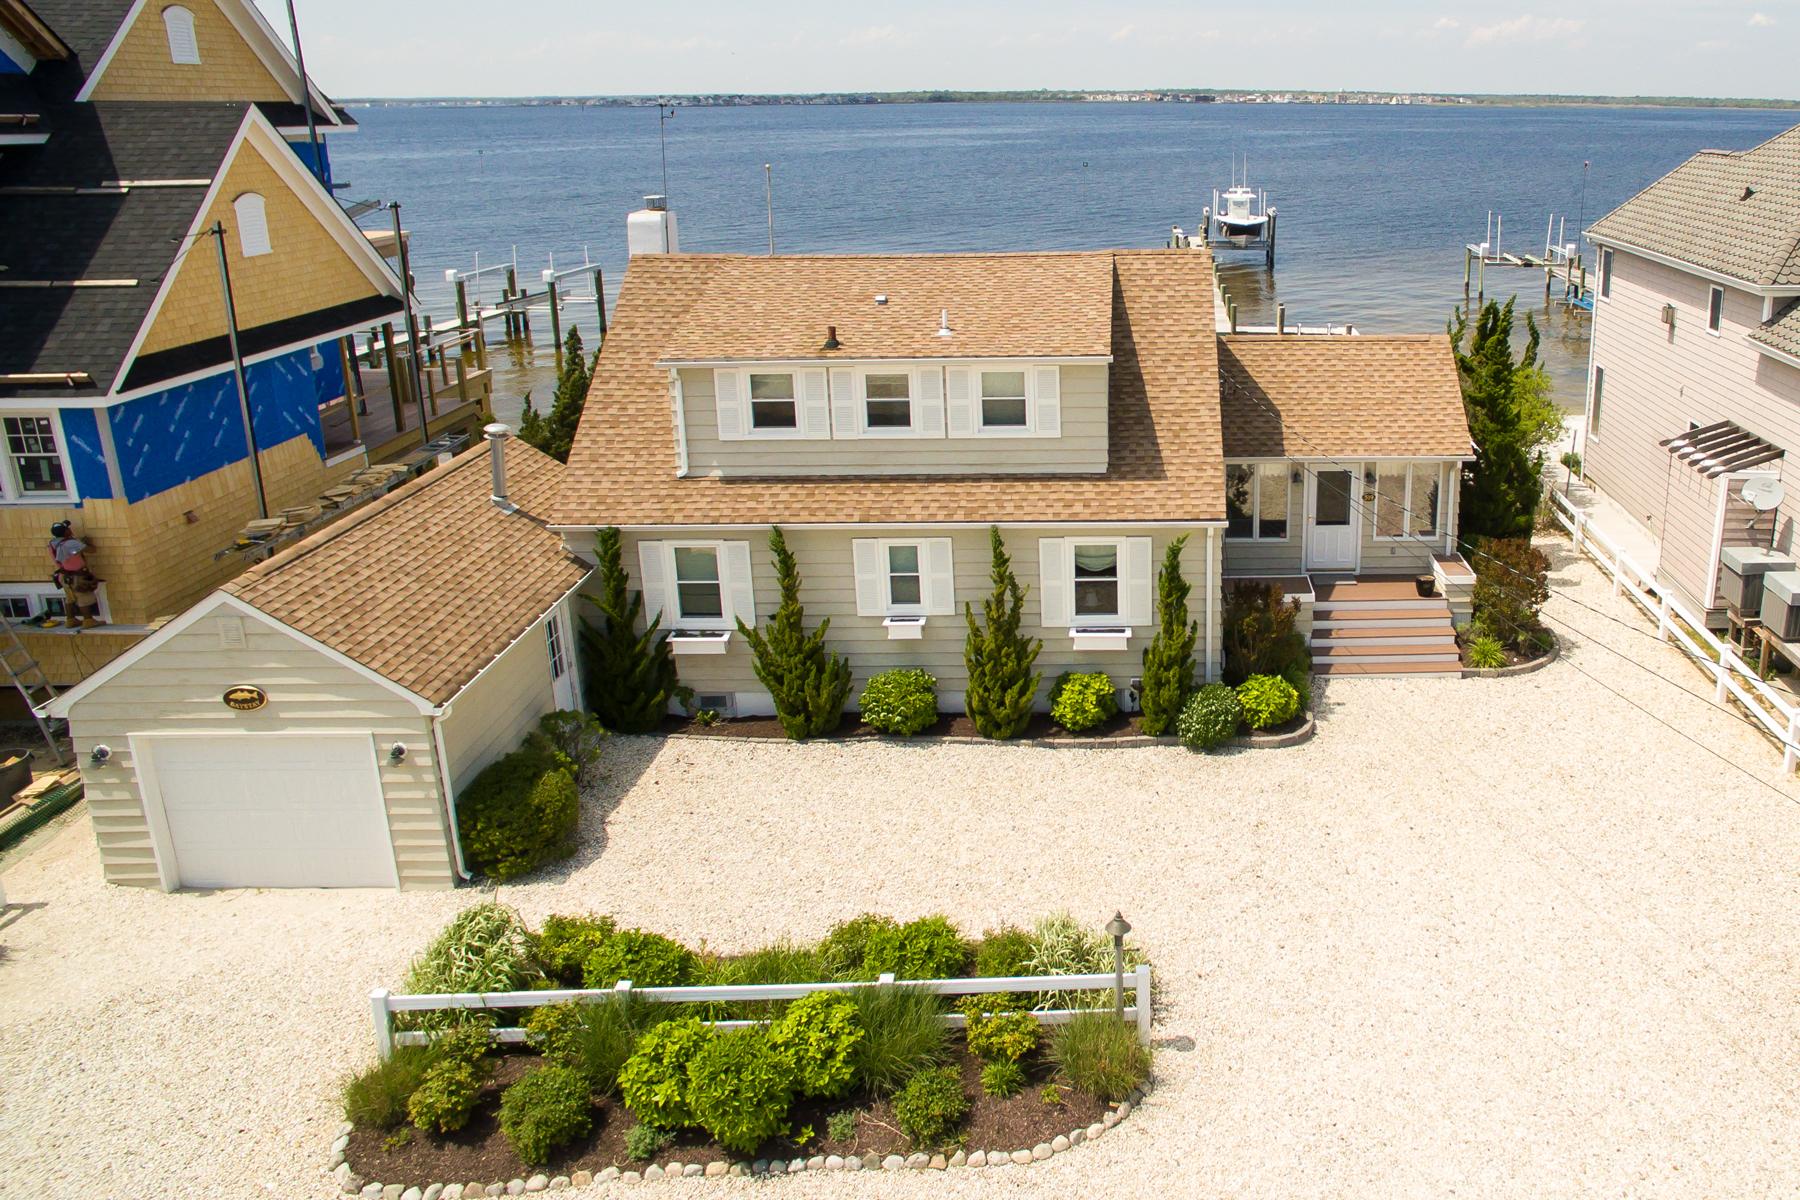 Maison unifamiliale pour l Vente à Recently Updated Cape-Style Bayfront Home 519 Normandy Drive Normandy Beach, New Jersey 08739 États-Unis